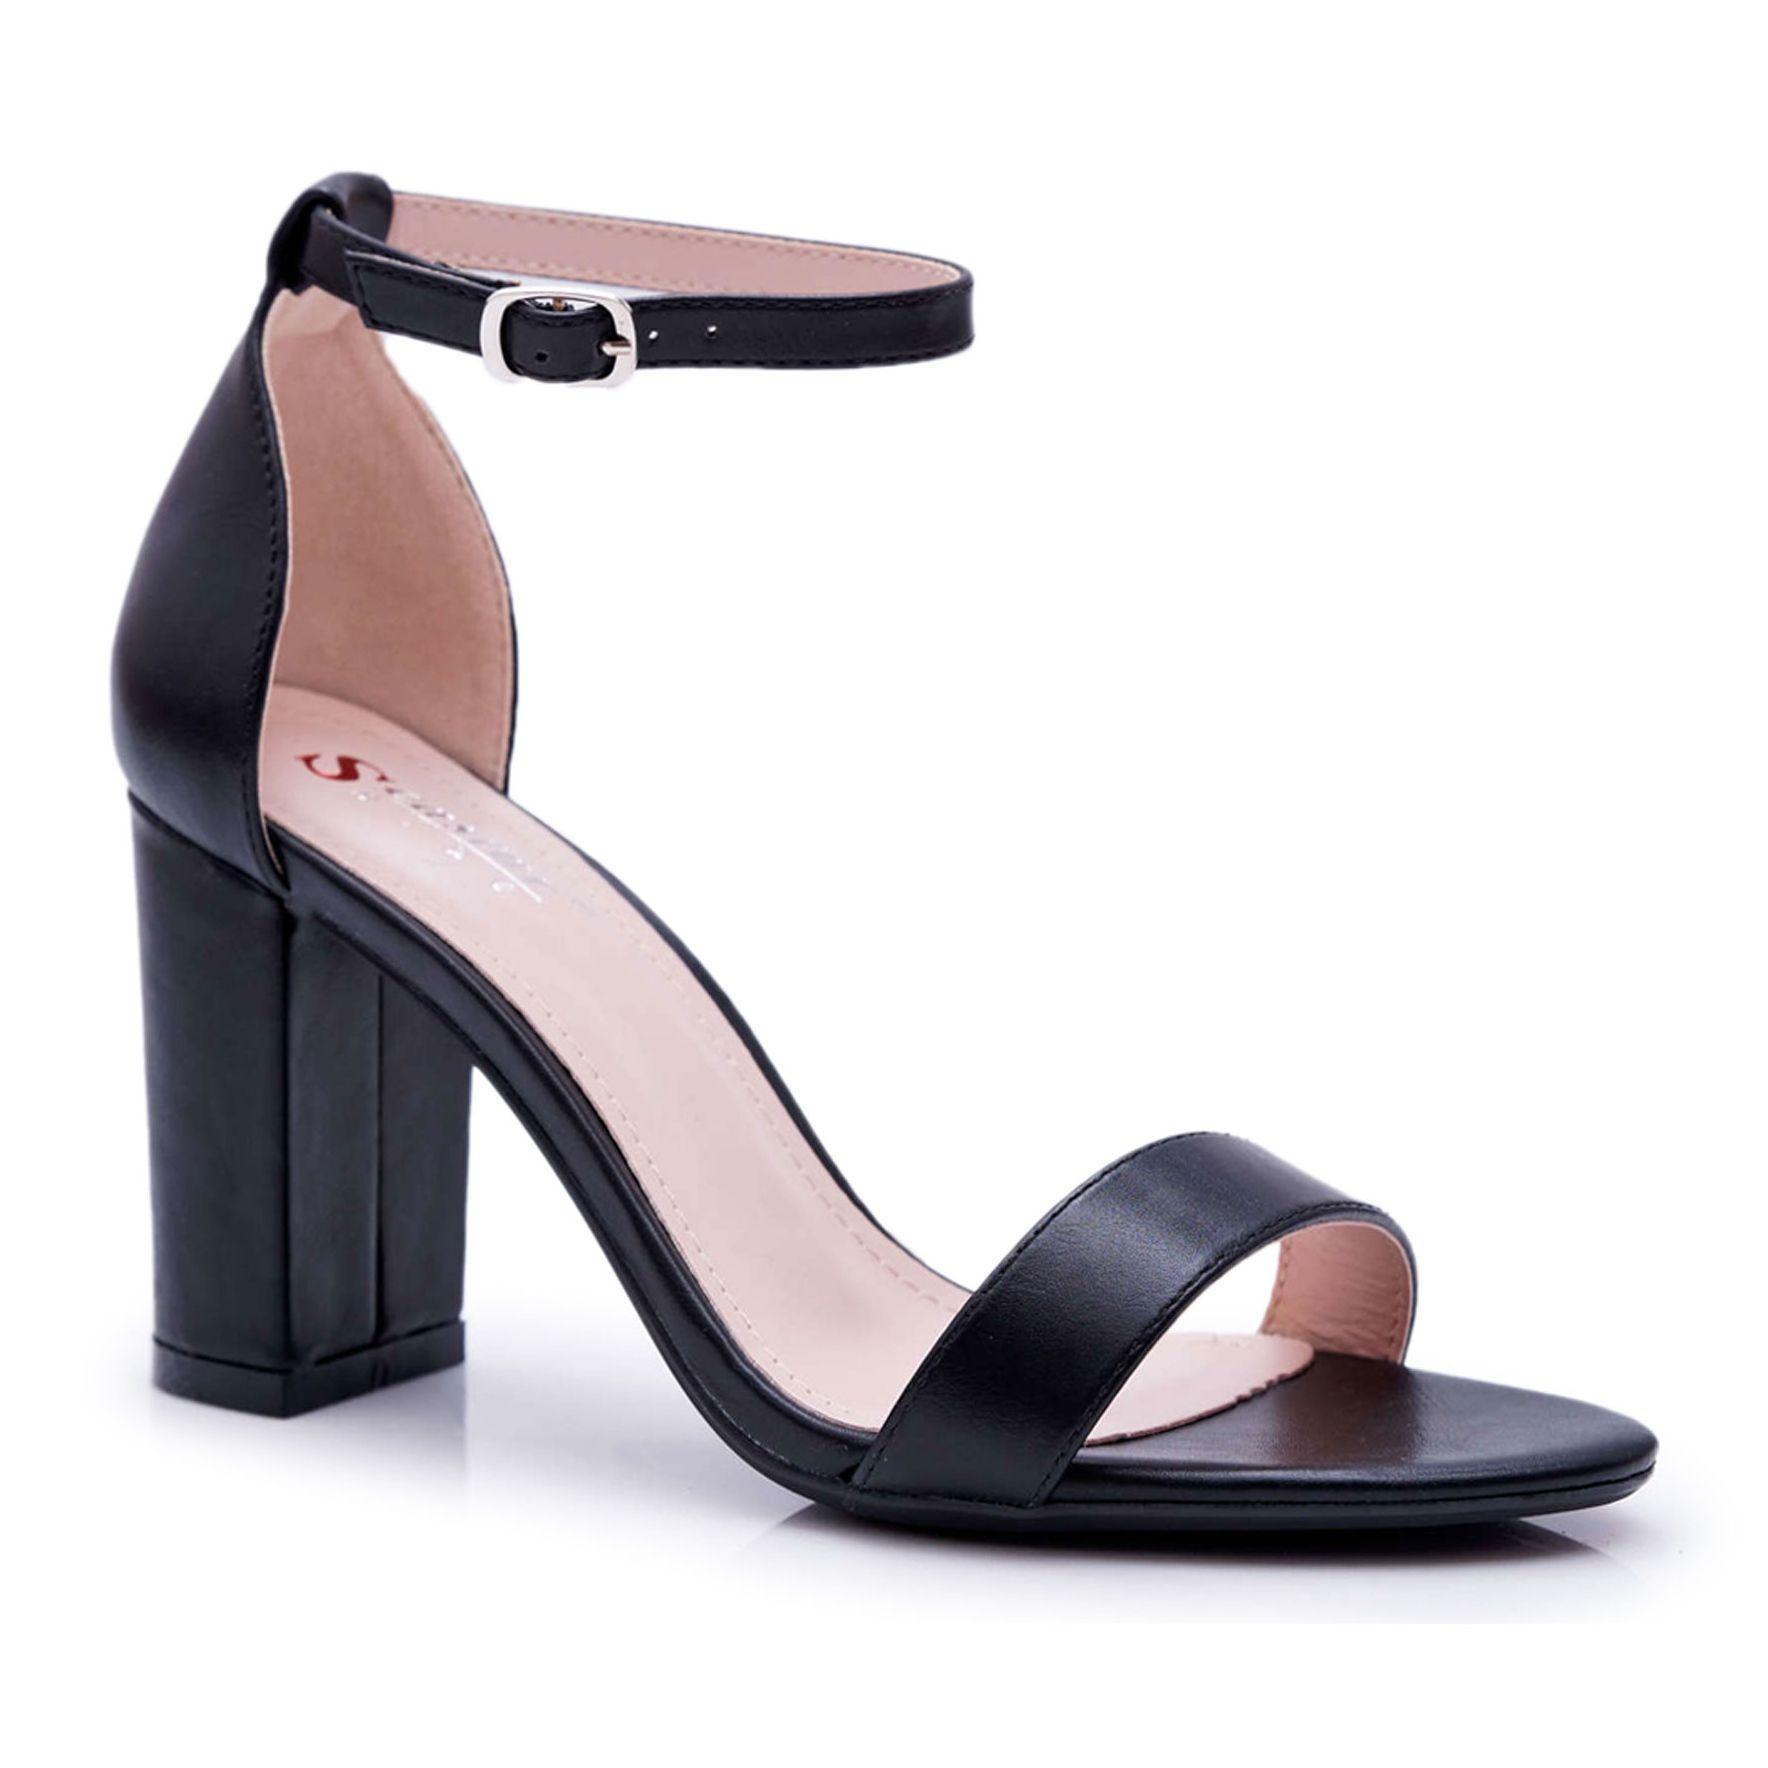 Ps1 Sandaly Damskie Na Slupku Klasyczne Czarne Fiji Womens Sandals Sandals Womens Sandals Flat